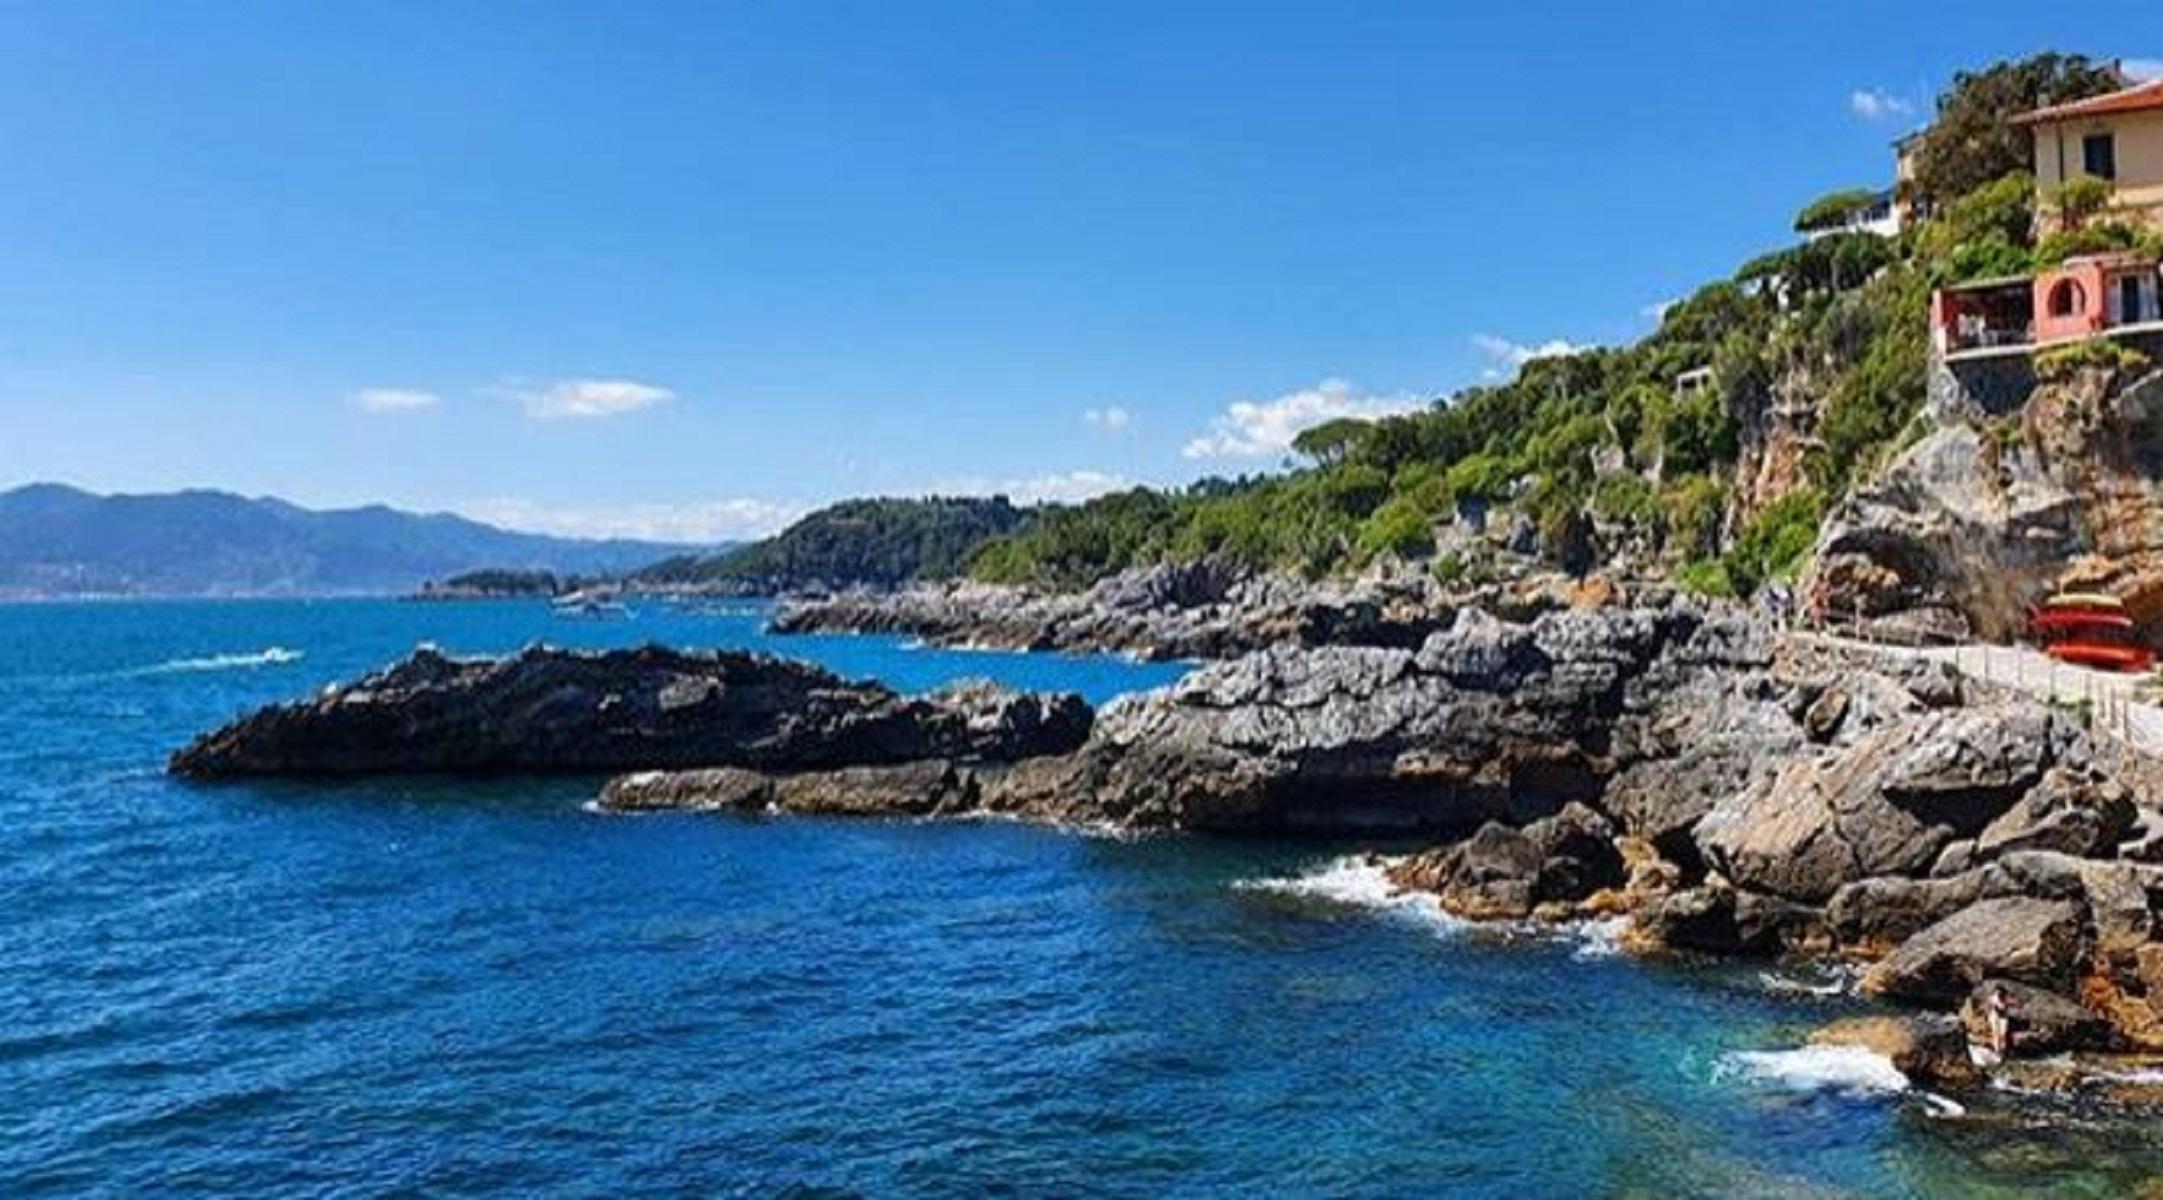 Borghi d'estate, i luoghi perfetti per le vacanze: dove andare